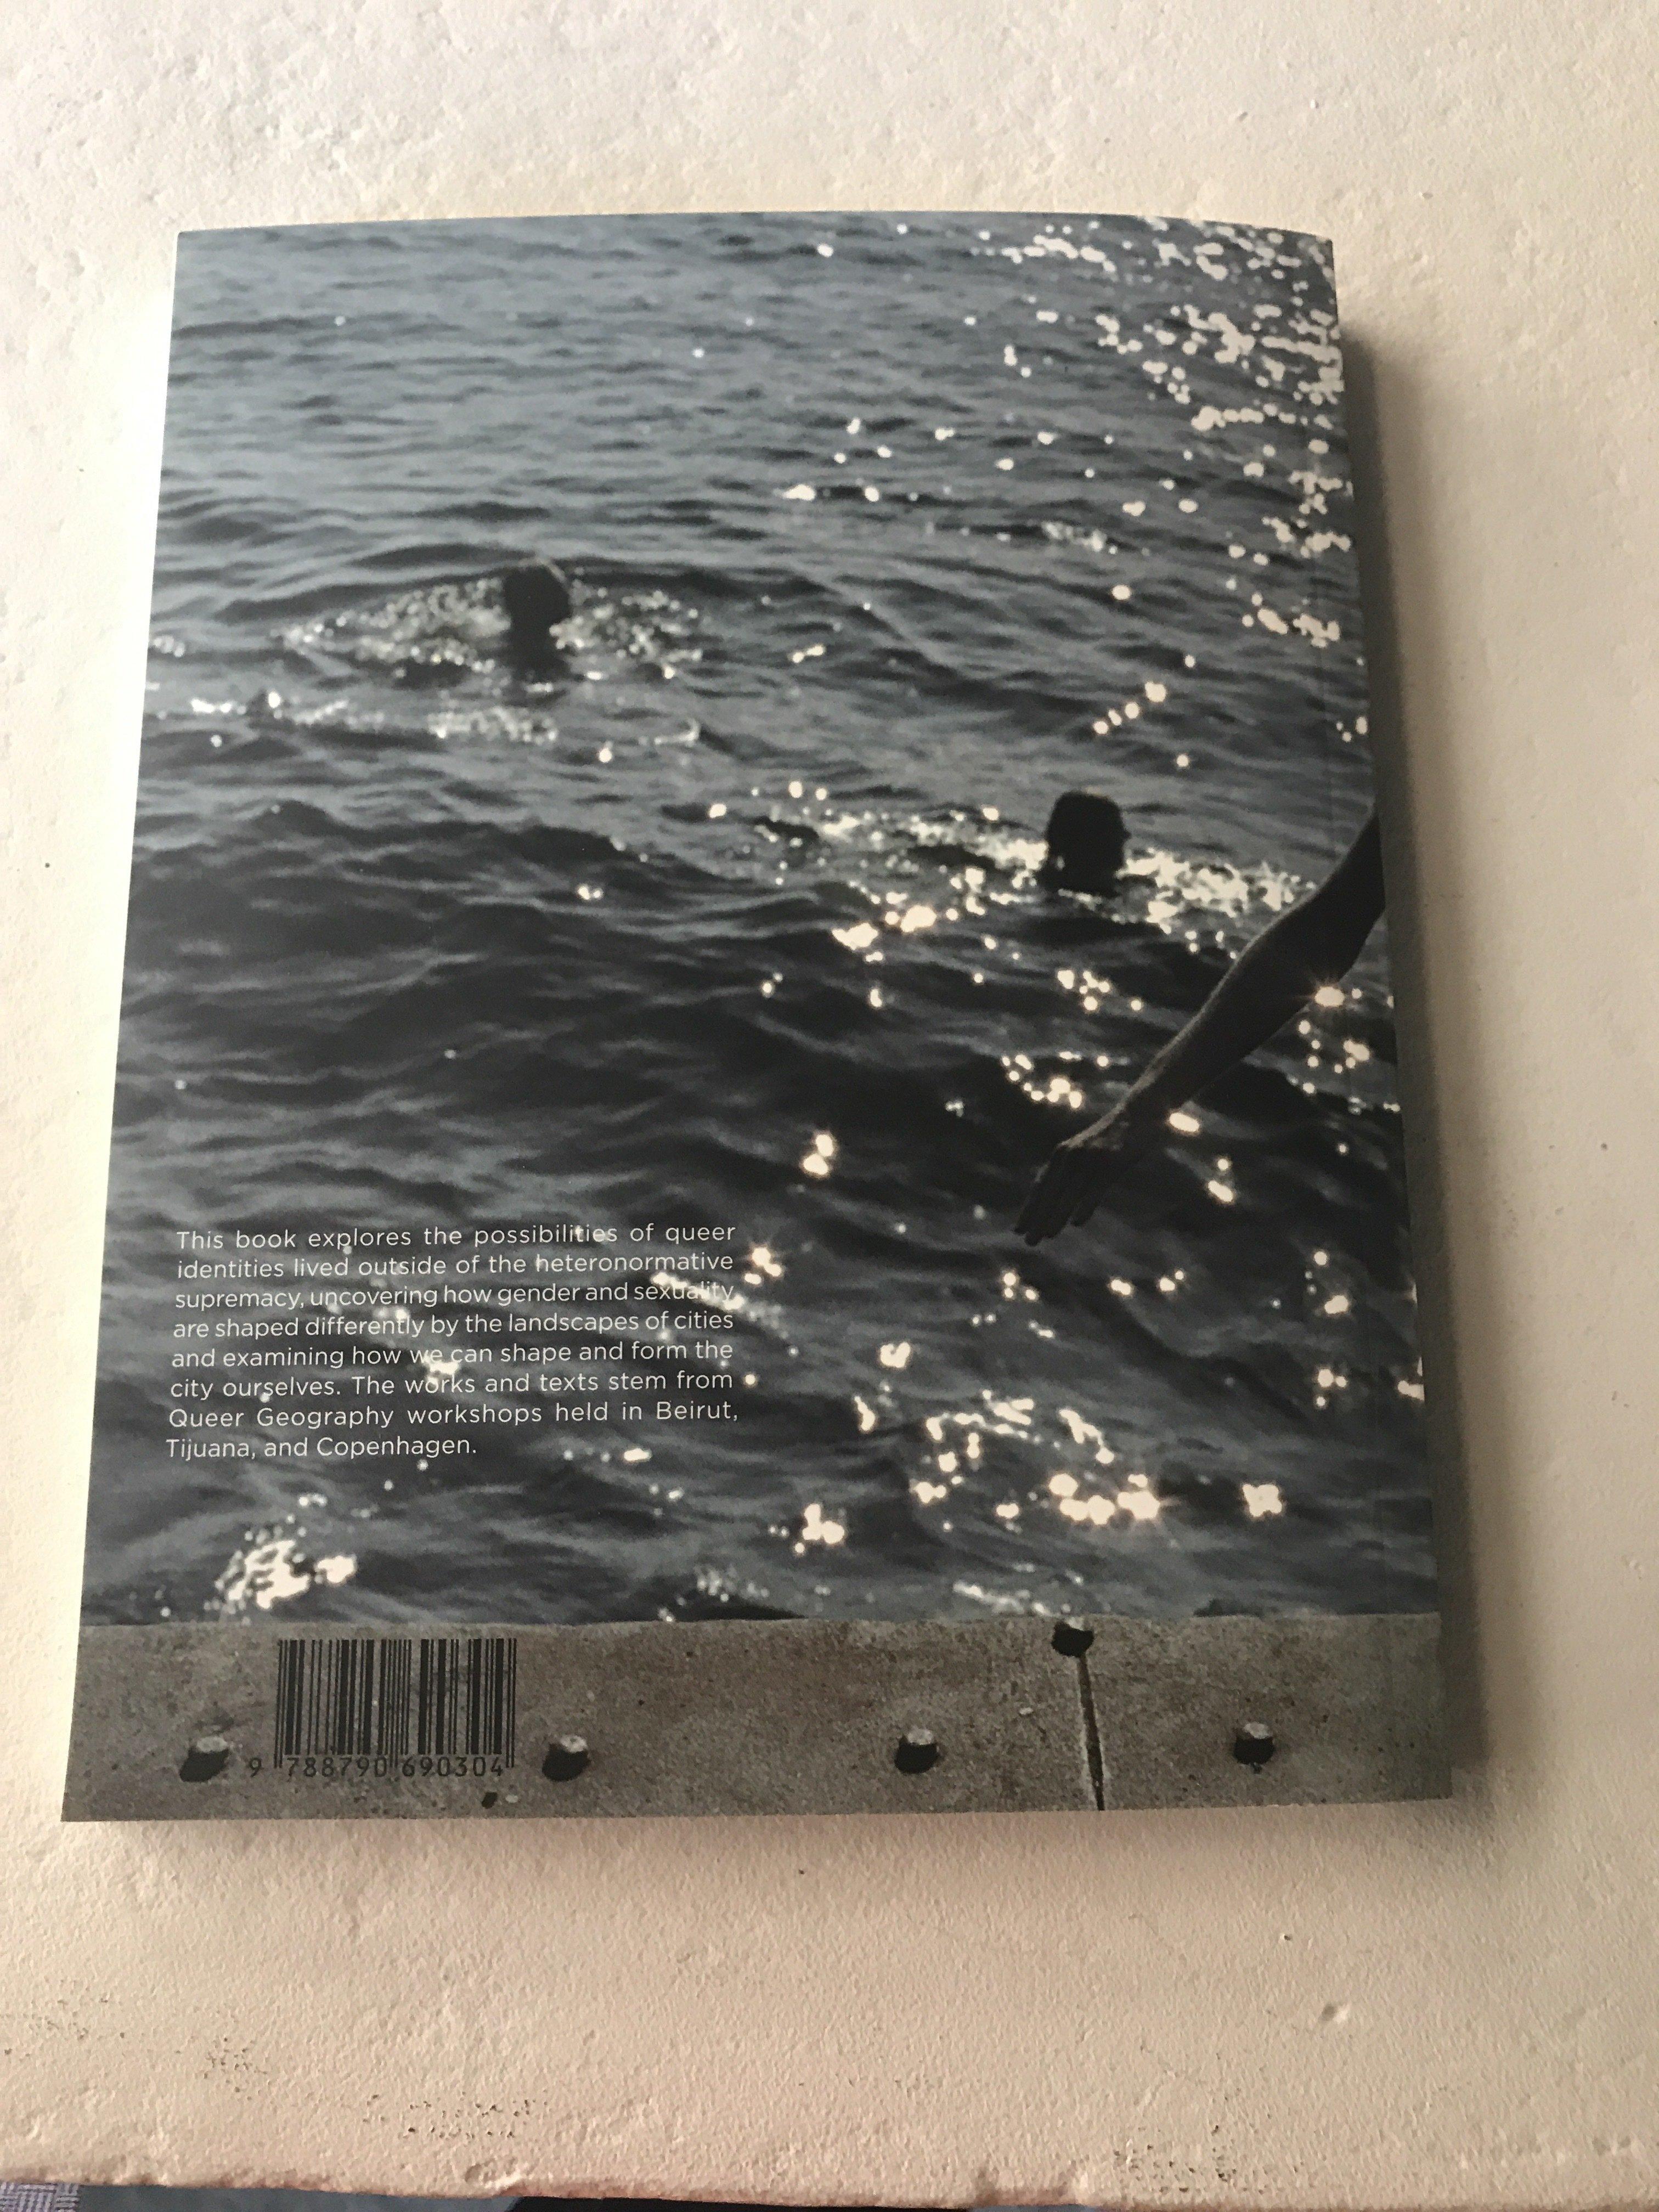 Queer Geographies (Beirut, Tijuana, Copenhagen) Paperback Book